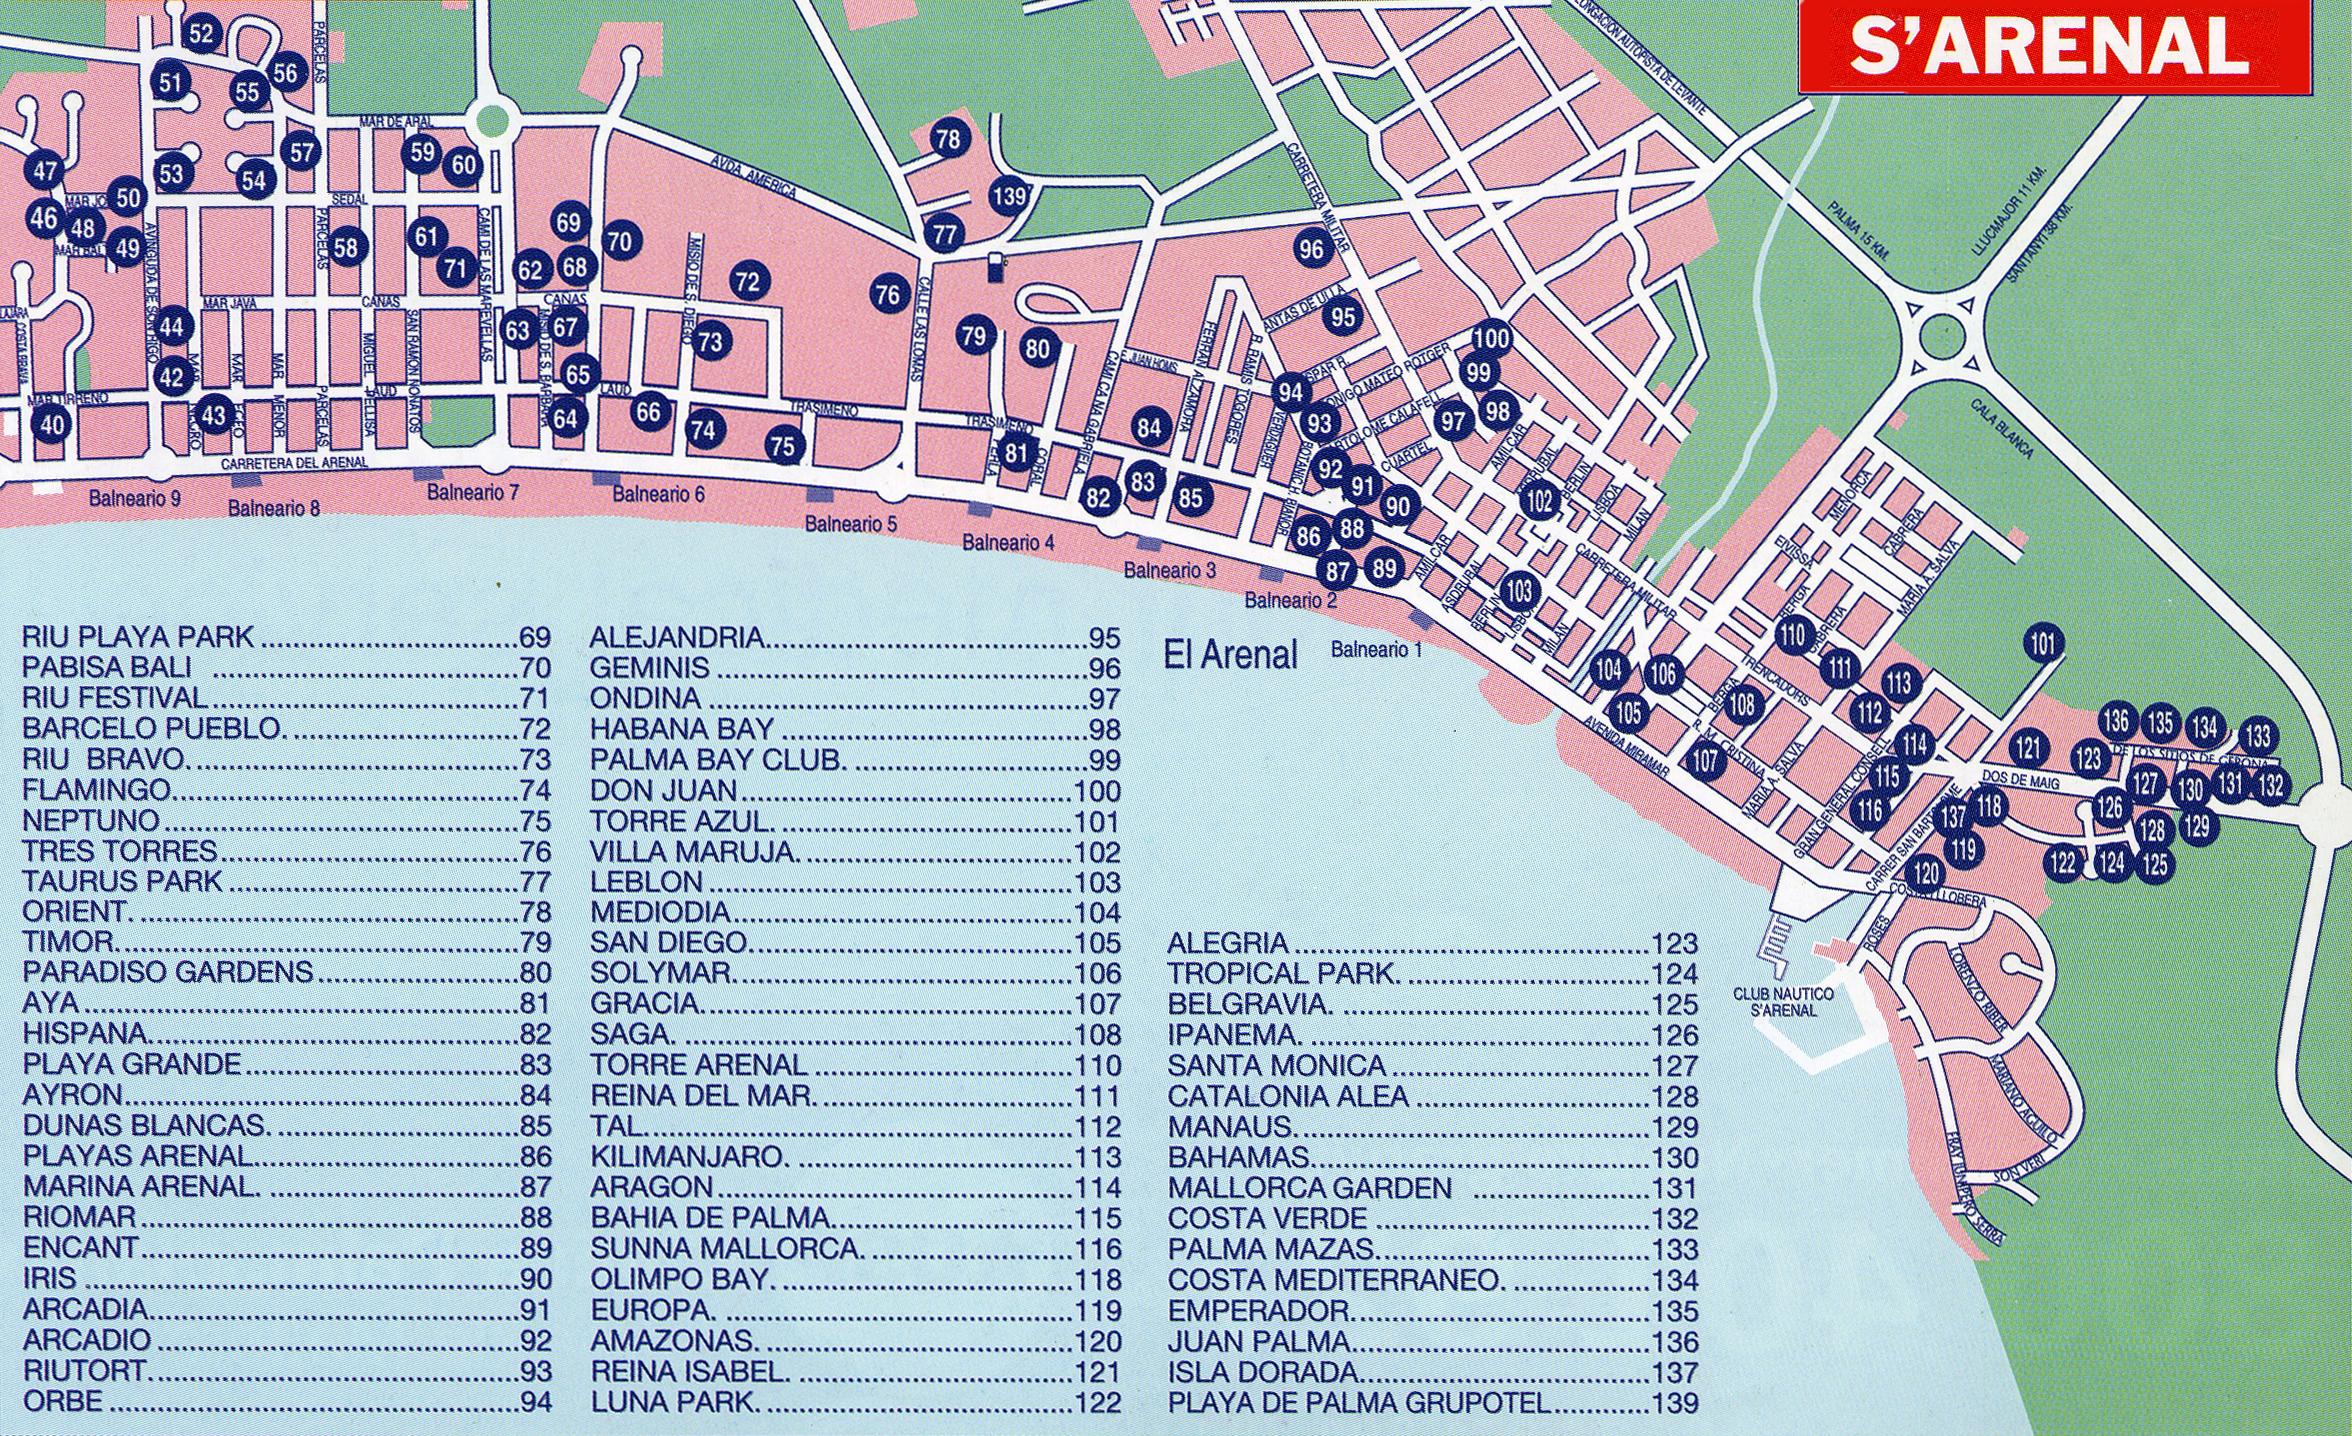 La ciudad de Llucmajor en Mallorca